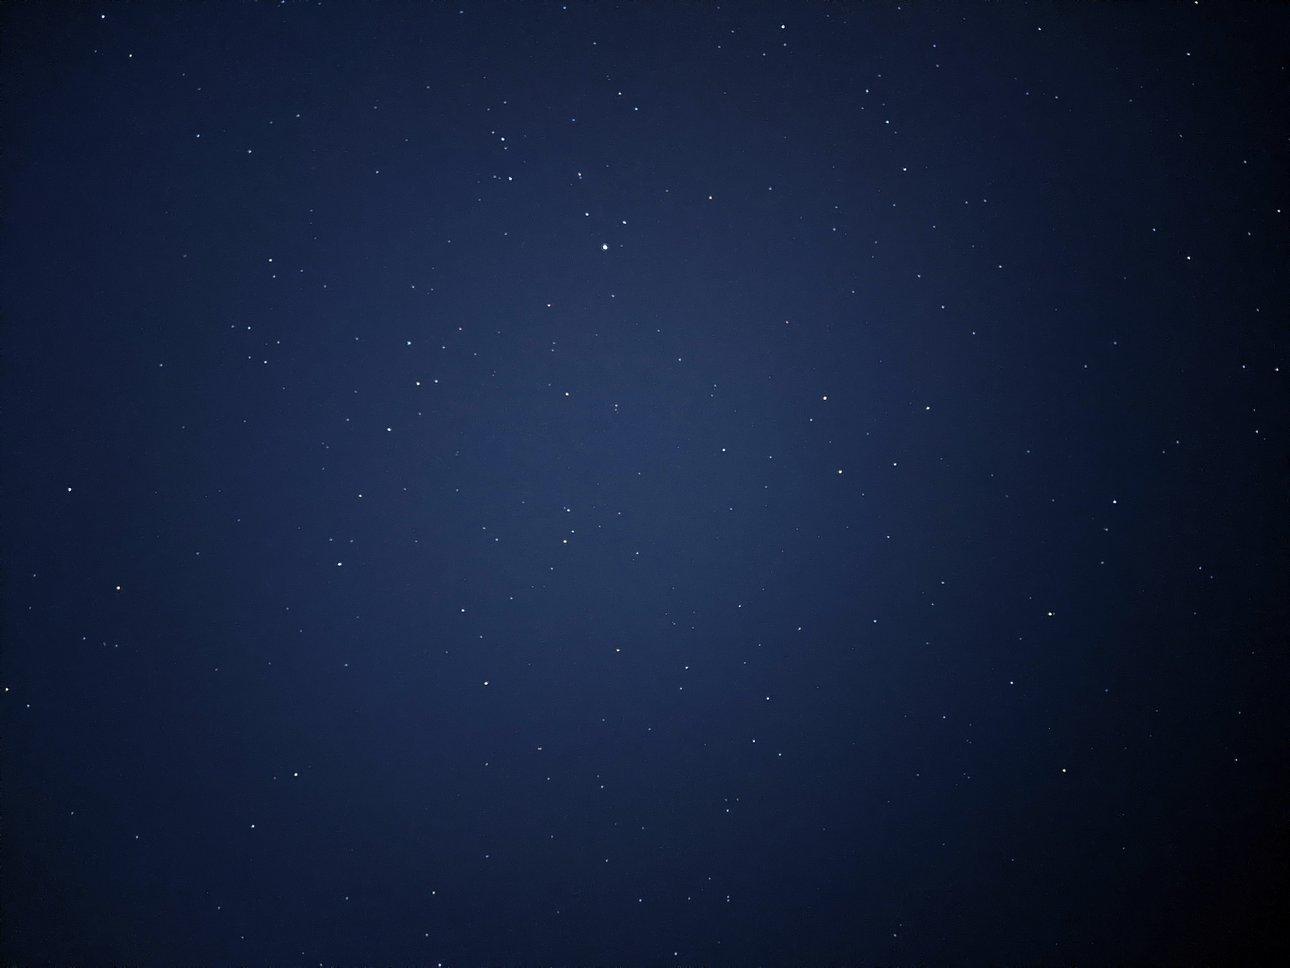 加了滤镜的星空照片